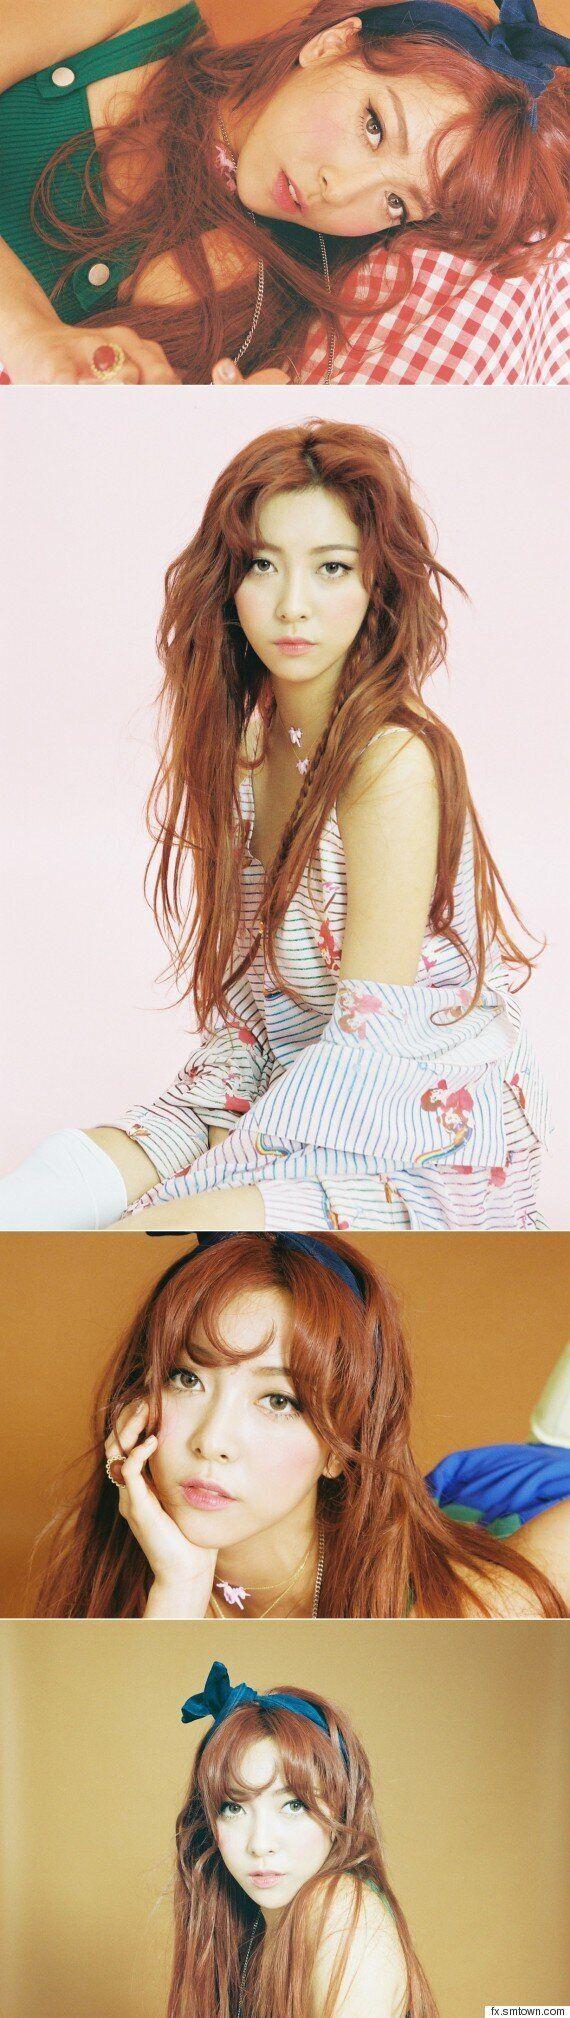 '컴백' f(x), 29일 '엠카'서 '4 Walls' 최초